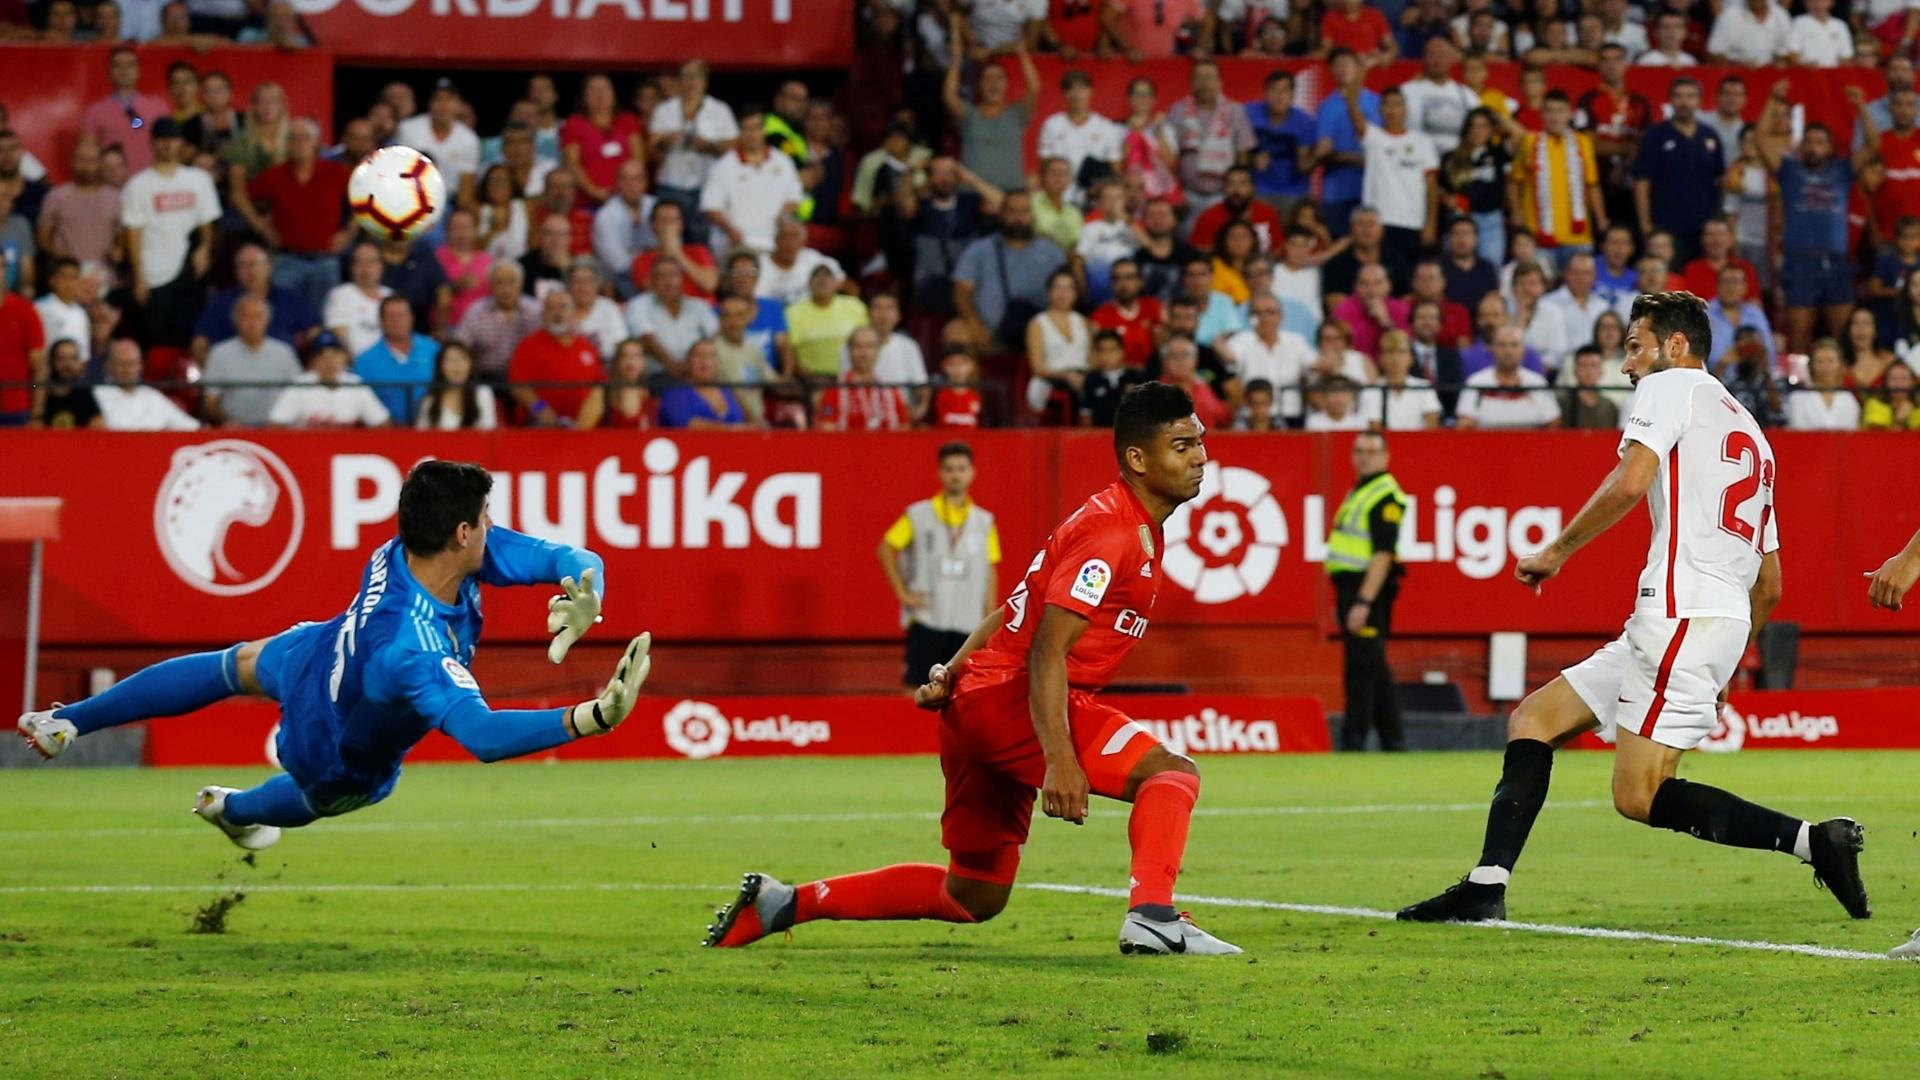 Casemiro tenta evitar gol de Franco Vazquez no jogo Sevilla x Real Madrid